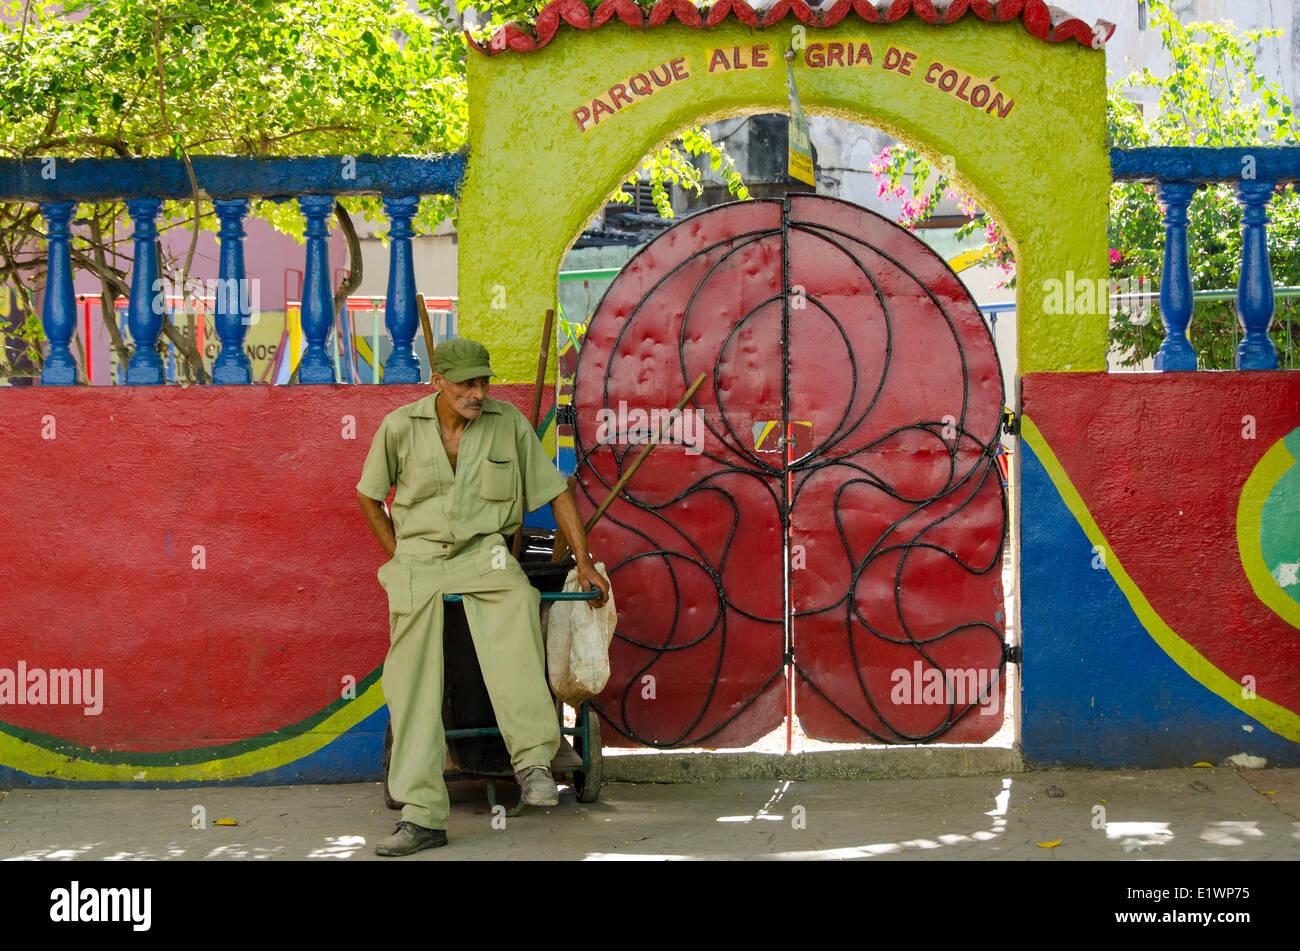 Park maintenance worker, Parque Ale Gria de Colon,Havana, Cuba - Stock Image